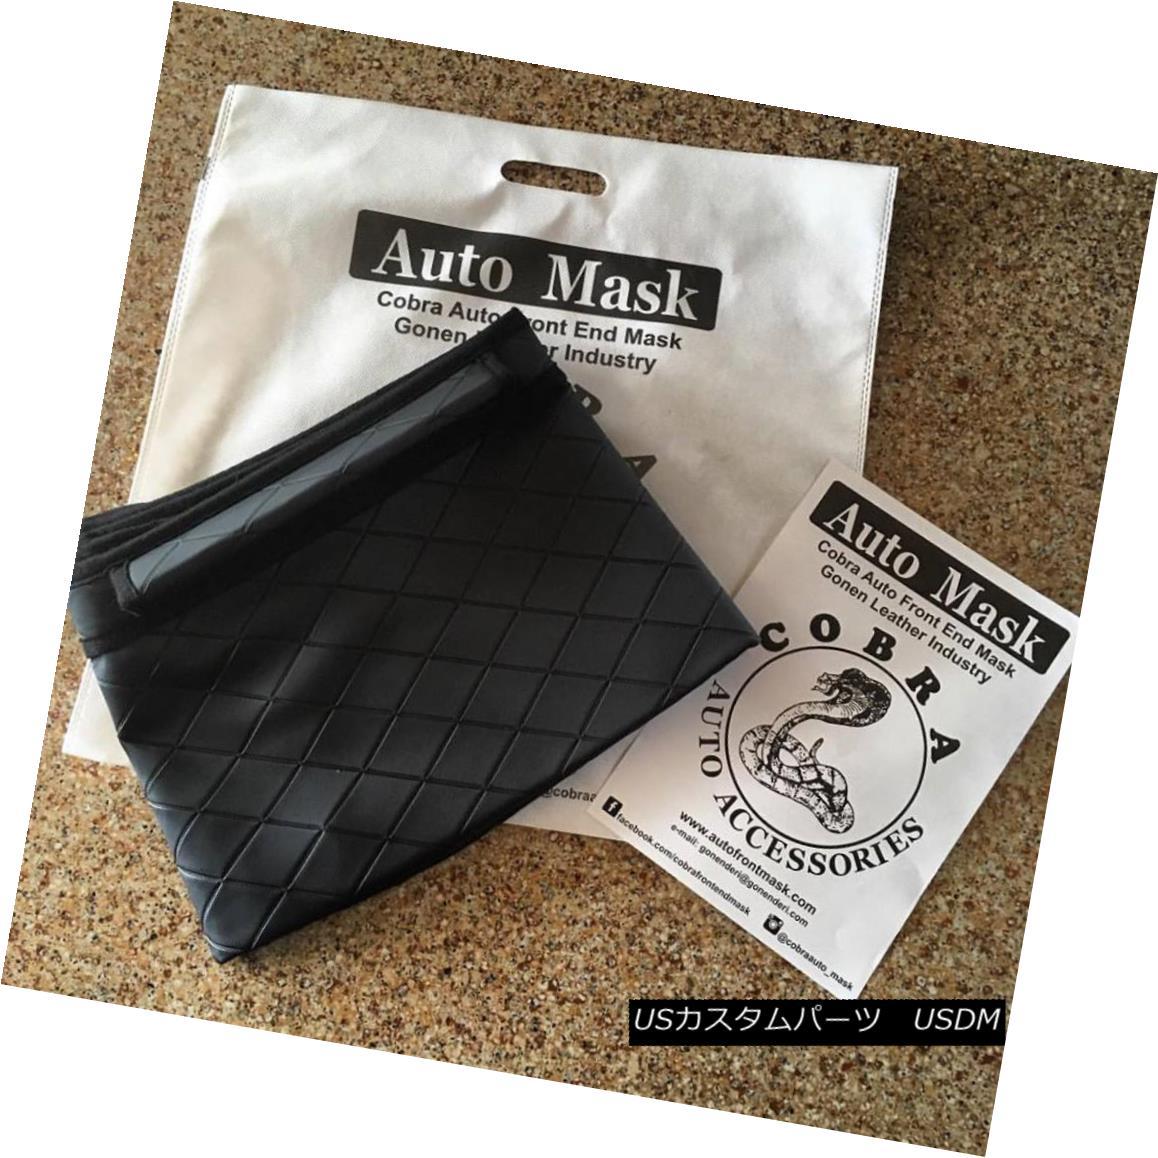 フルブラ ノーズブラ Car Bonnet Mask Hood Bra in DIAMOND Fits ACURA TL UA 04 05 06 07 08 DIAMONDのカーボンネットマスクフードブラ、ACURA TL UA 04 05 06 07 08